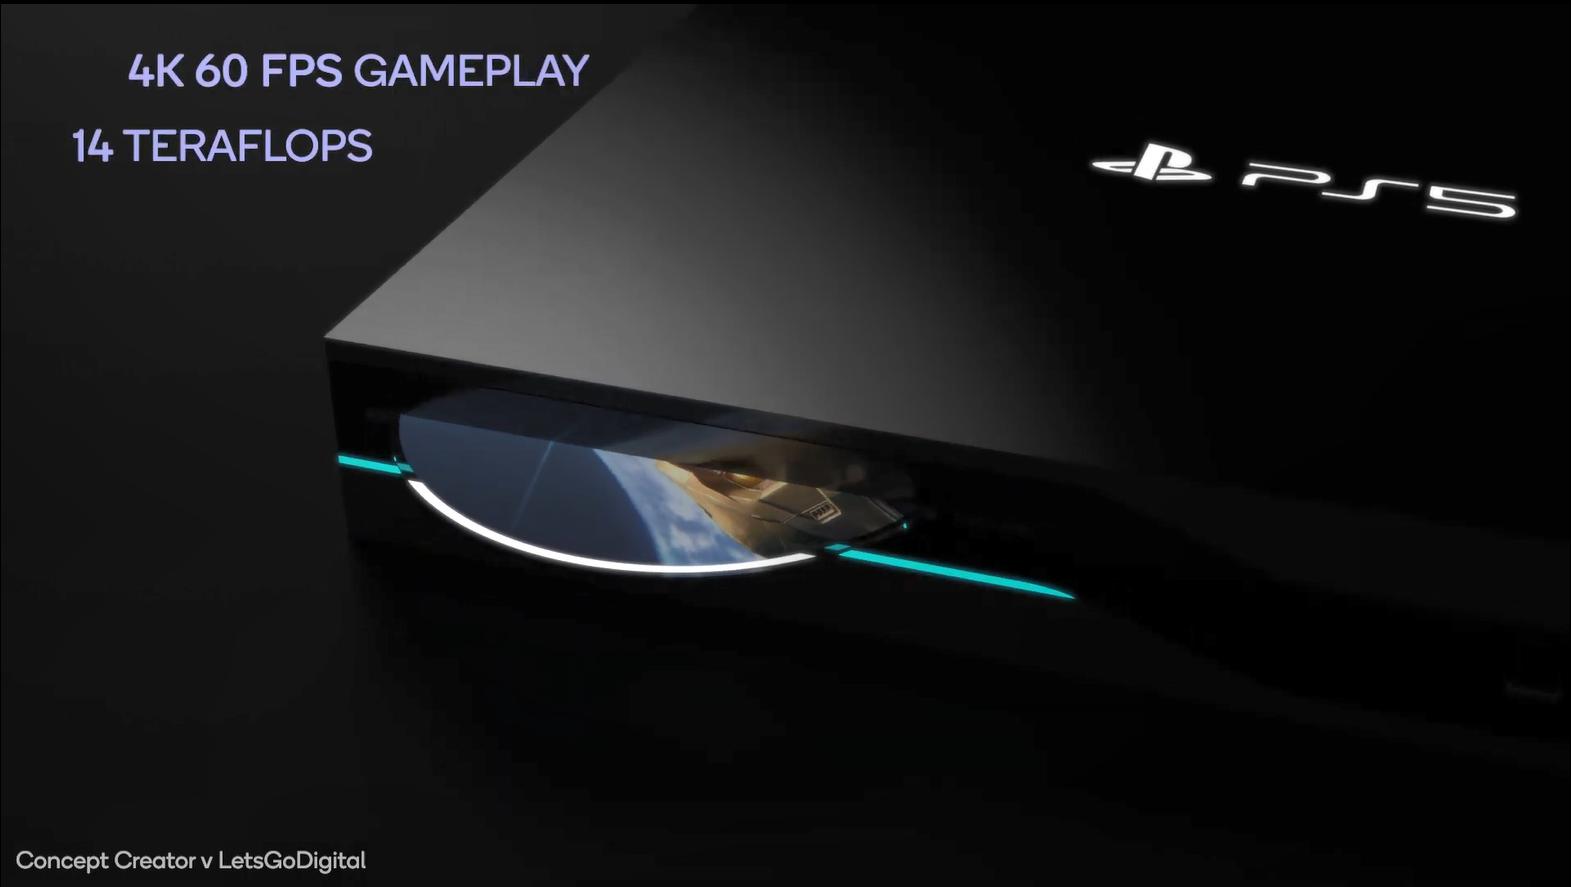 官方没料粉丝来造!大神PS5概念设计渲染视频欣赏